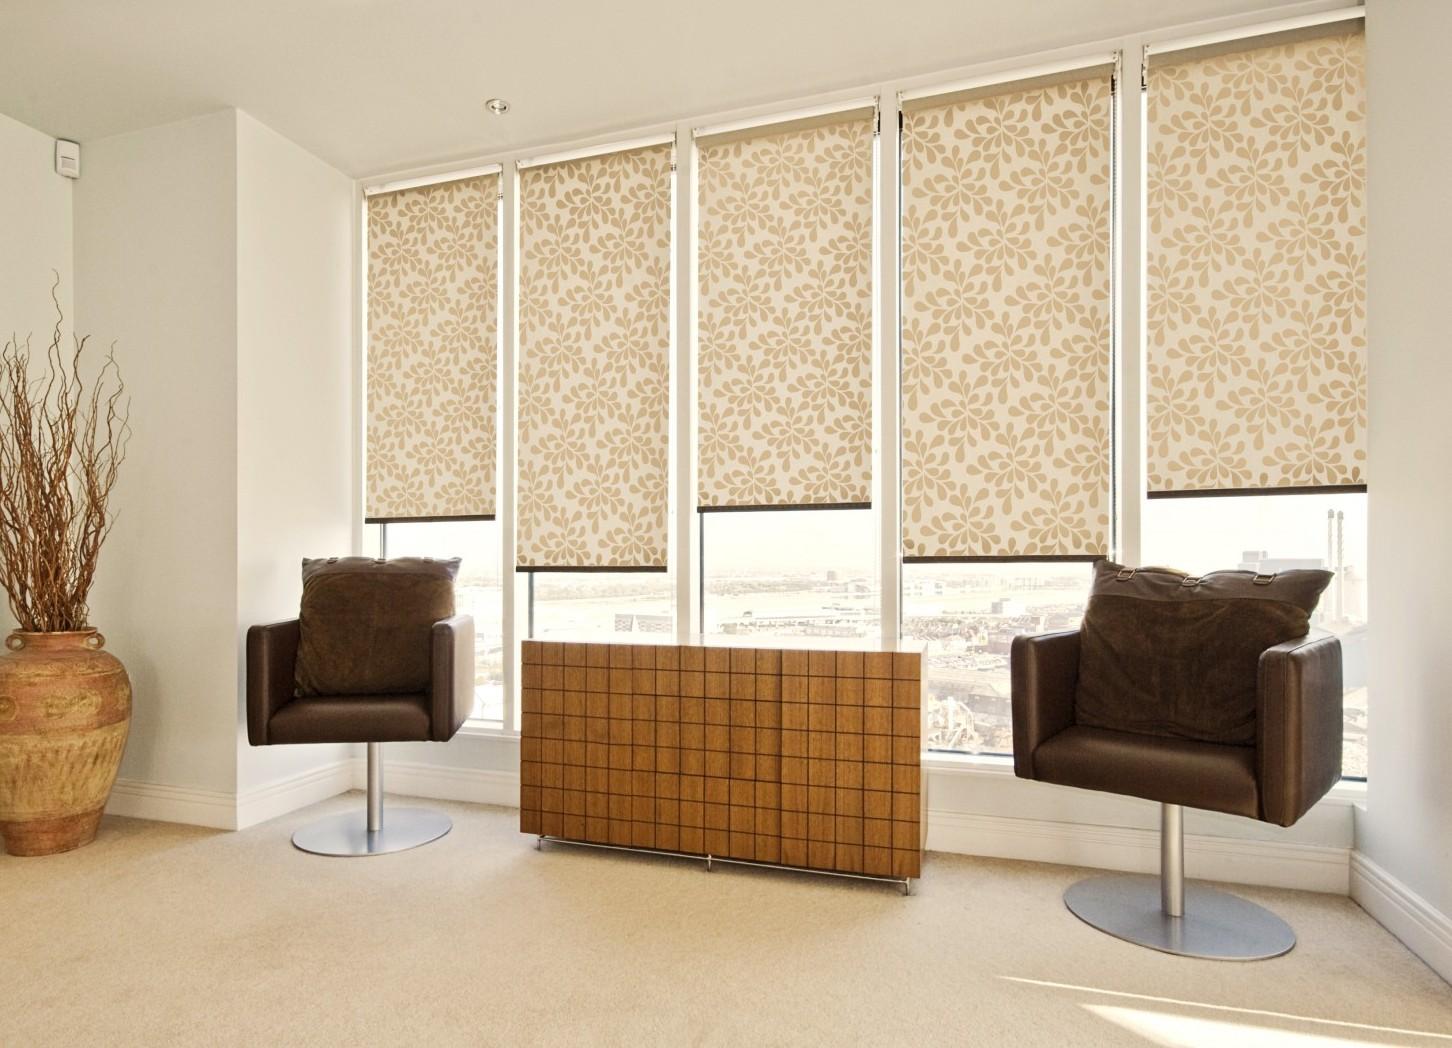 215 Современные шторы в интерьере вашего дома